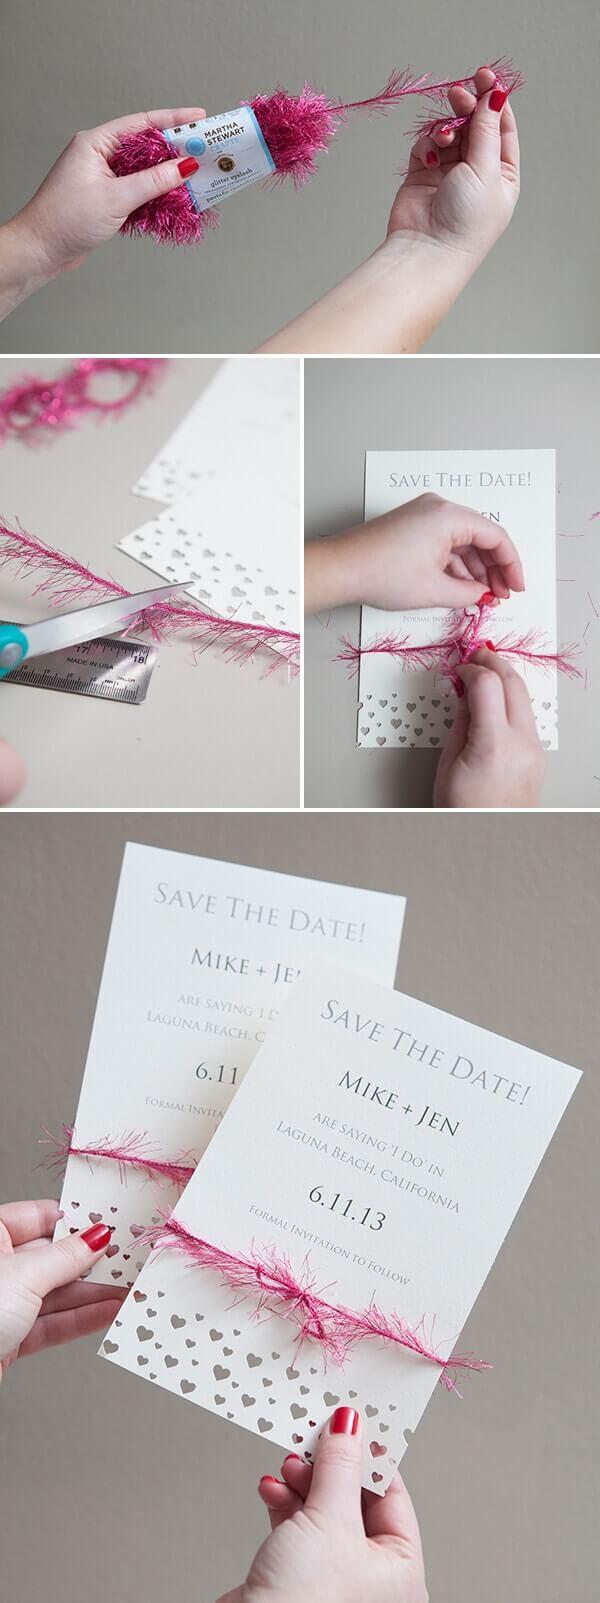 DIY Bastelideen zur Hochzeit - elegante Einladung mit pinket Schleife